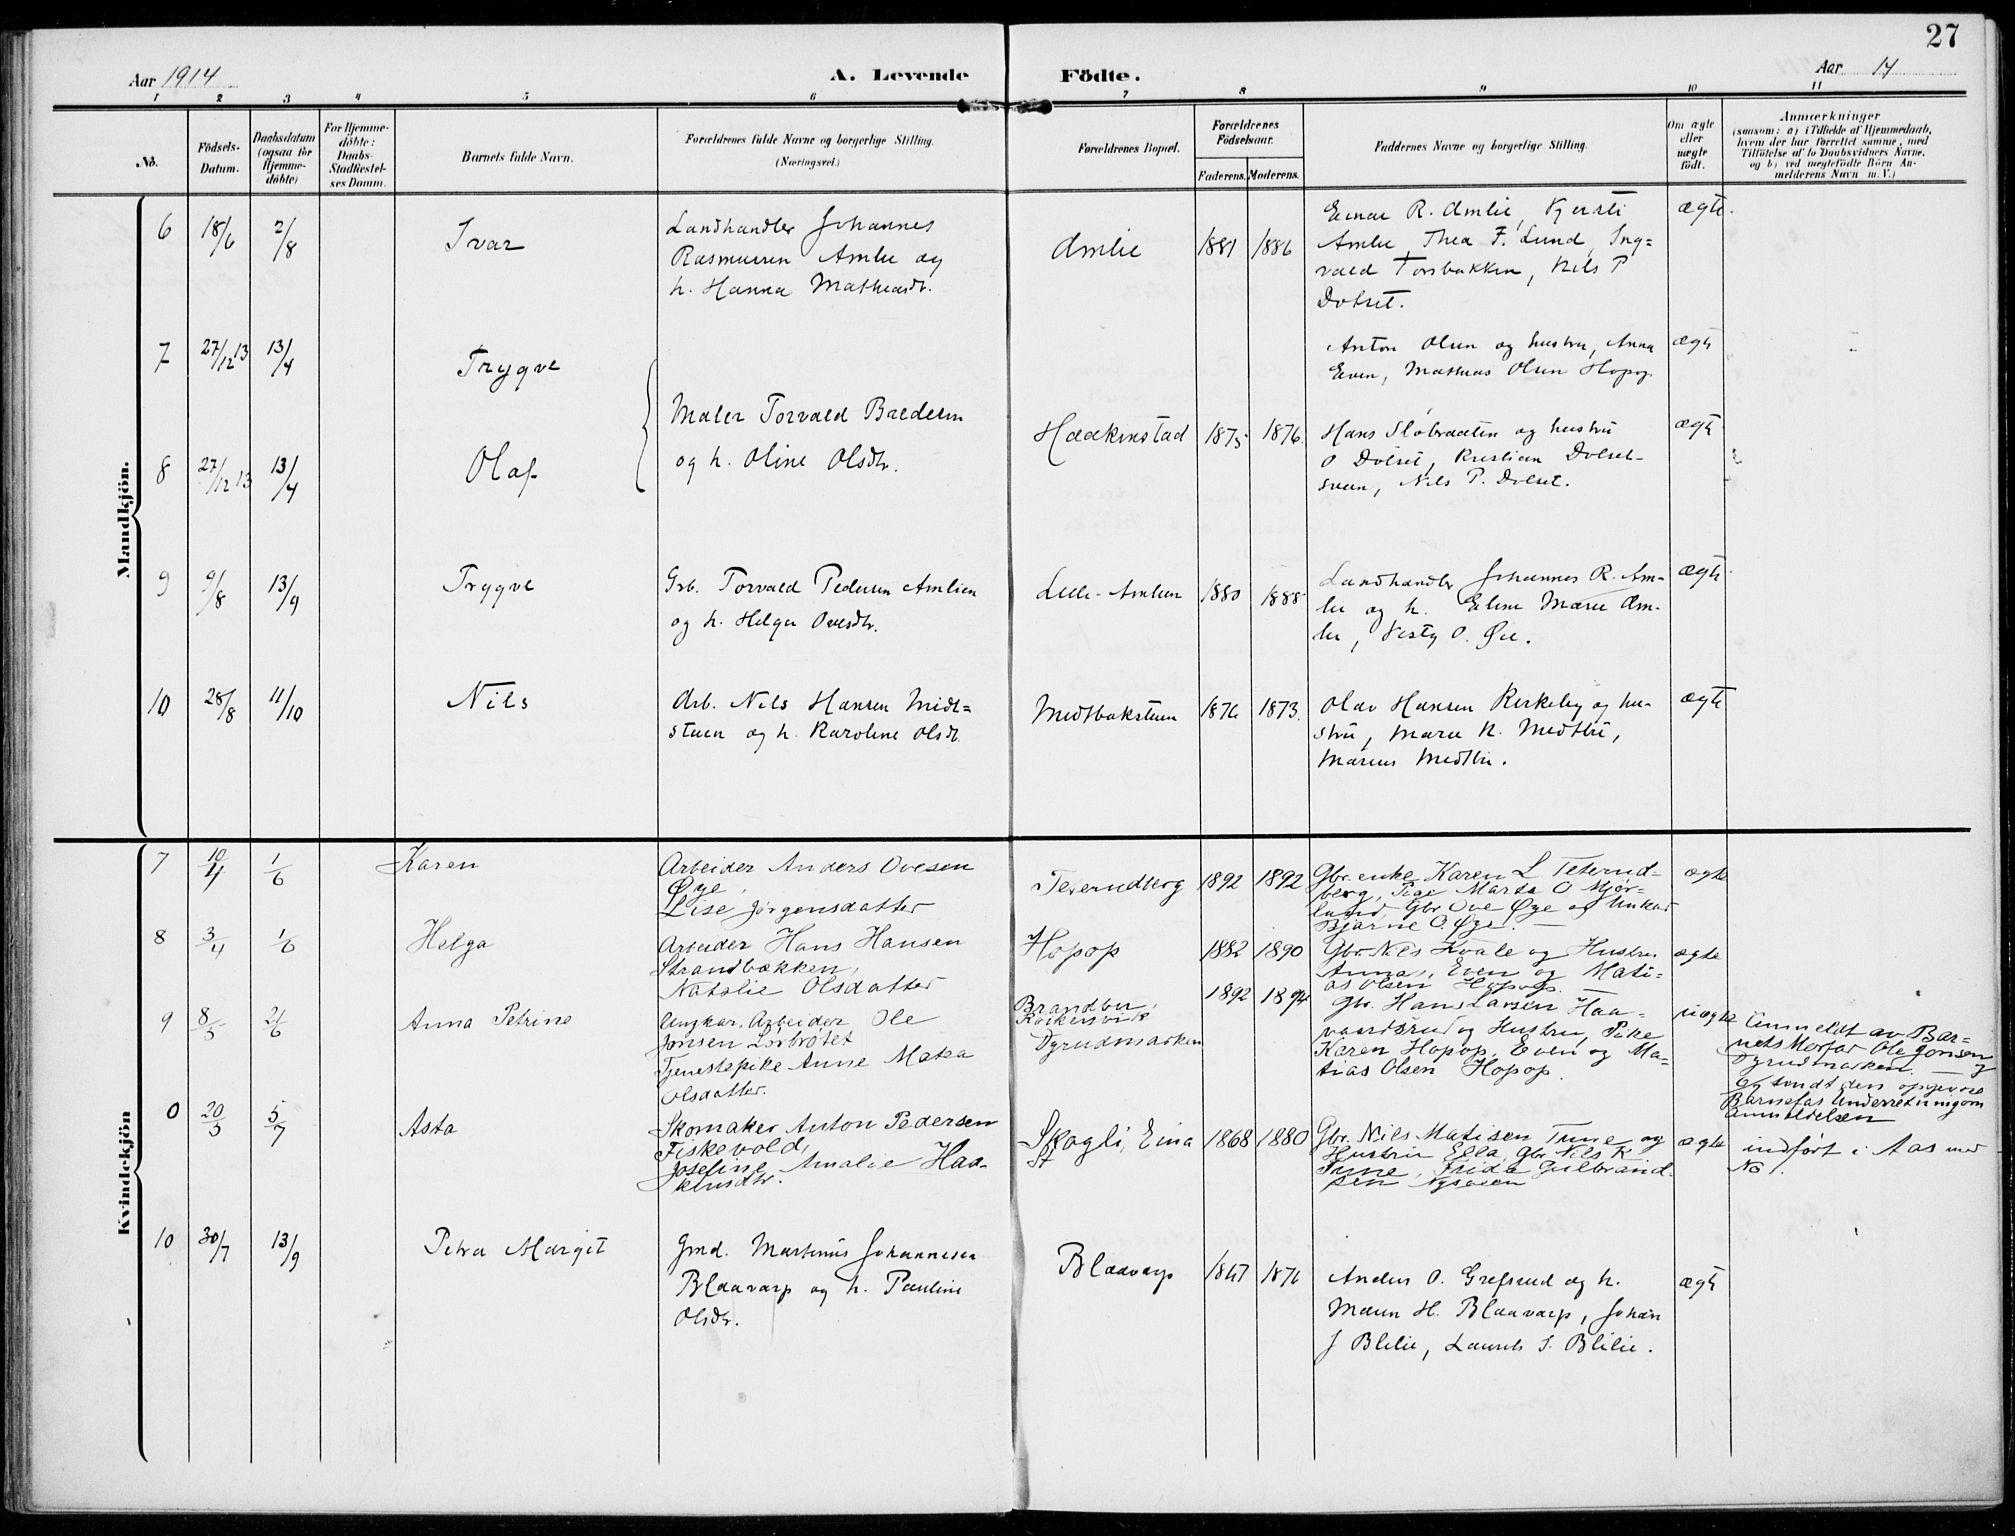 SAH, Kolbu prestekontor, Ministerialbok nr. 1, 1907-1923, s. 27